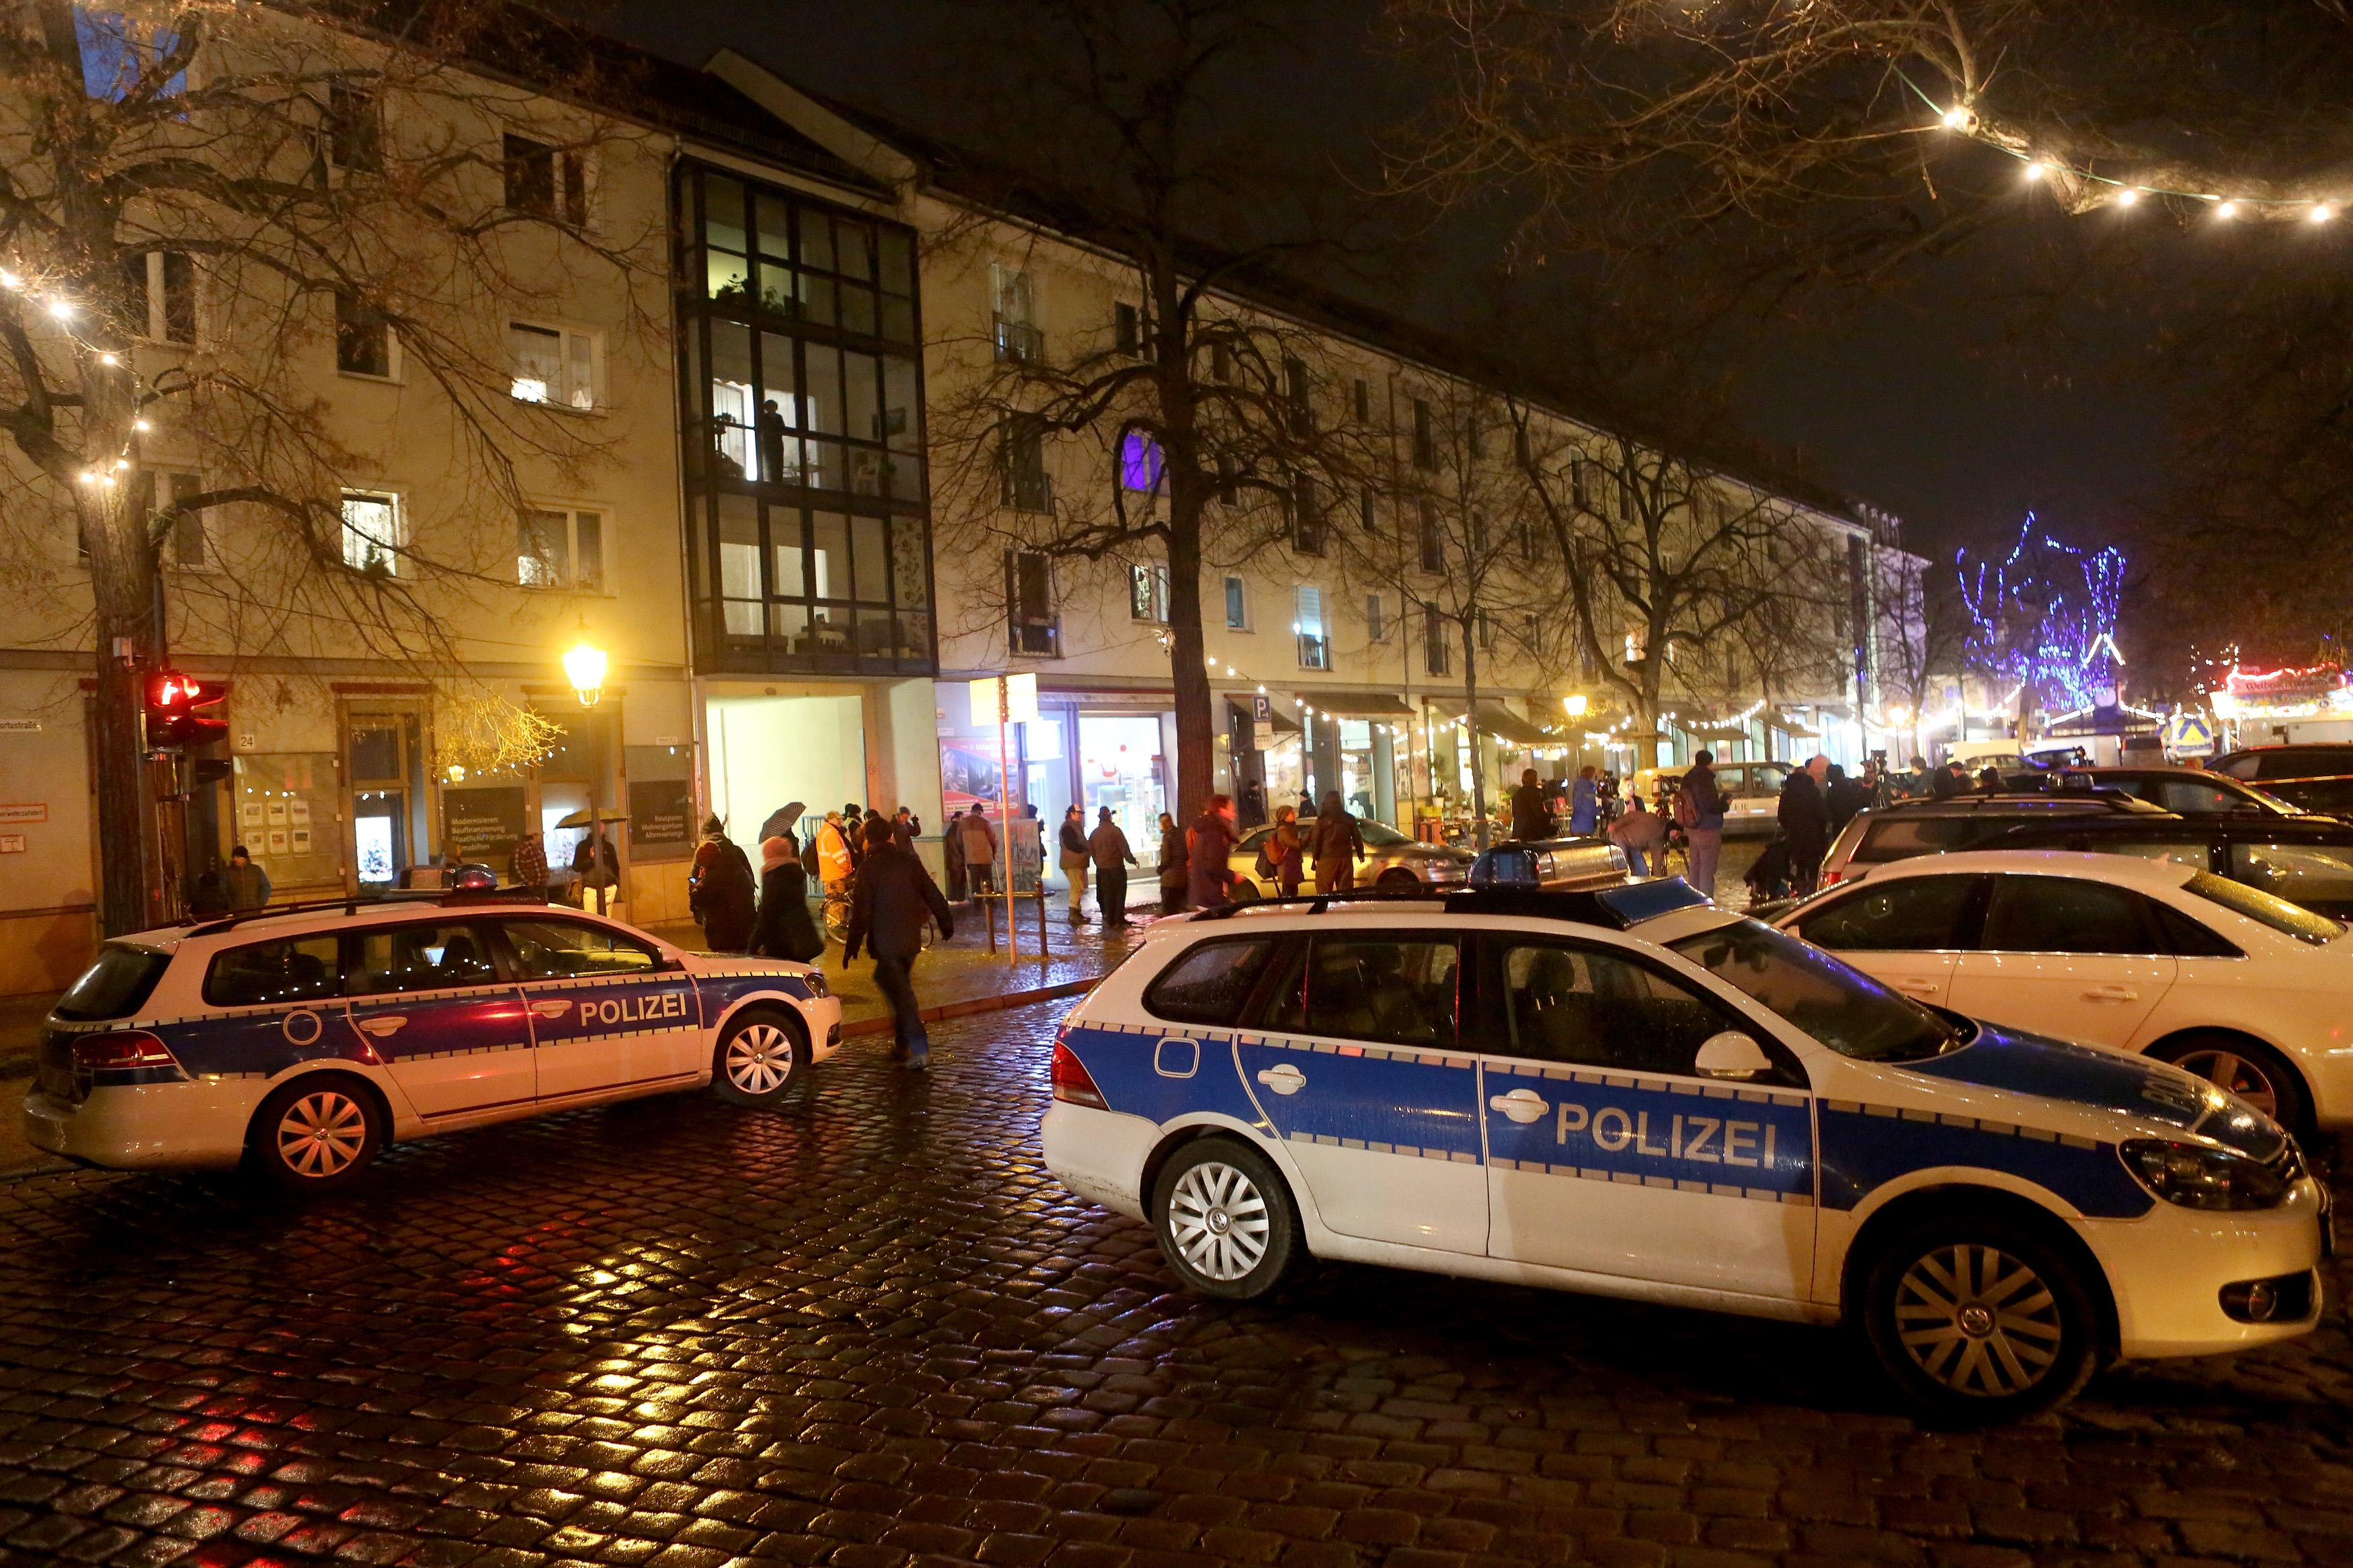 A csomagküldő céget akarták zsarolni a karácsonyi vásárhoz küldött robbanószerrel